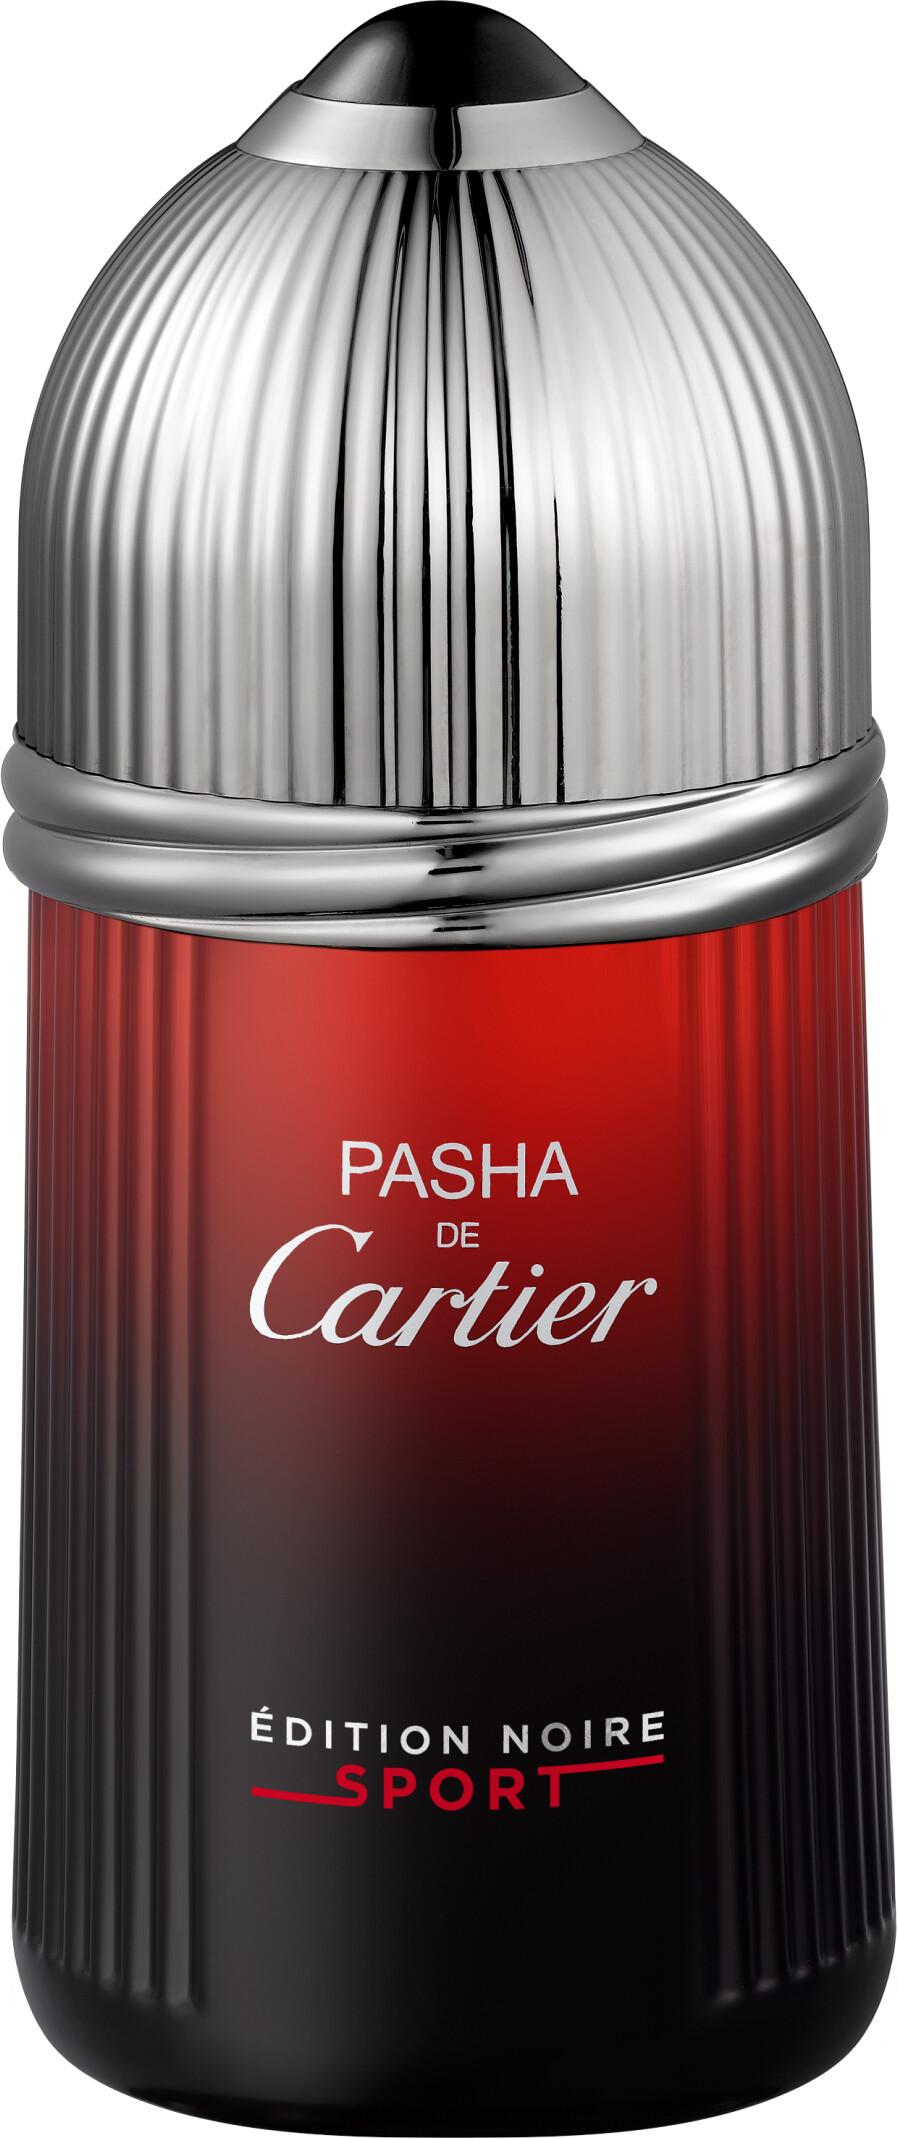 Cartier pasha de cartier edition noire sport eau de for Arrivee d eau toilette